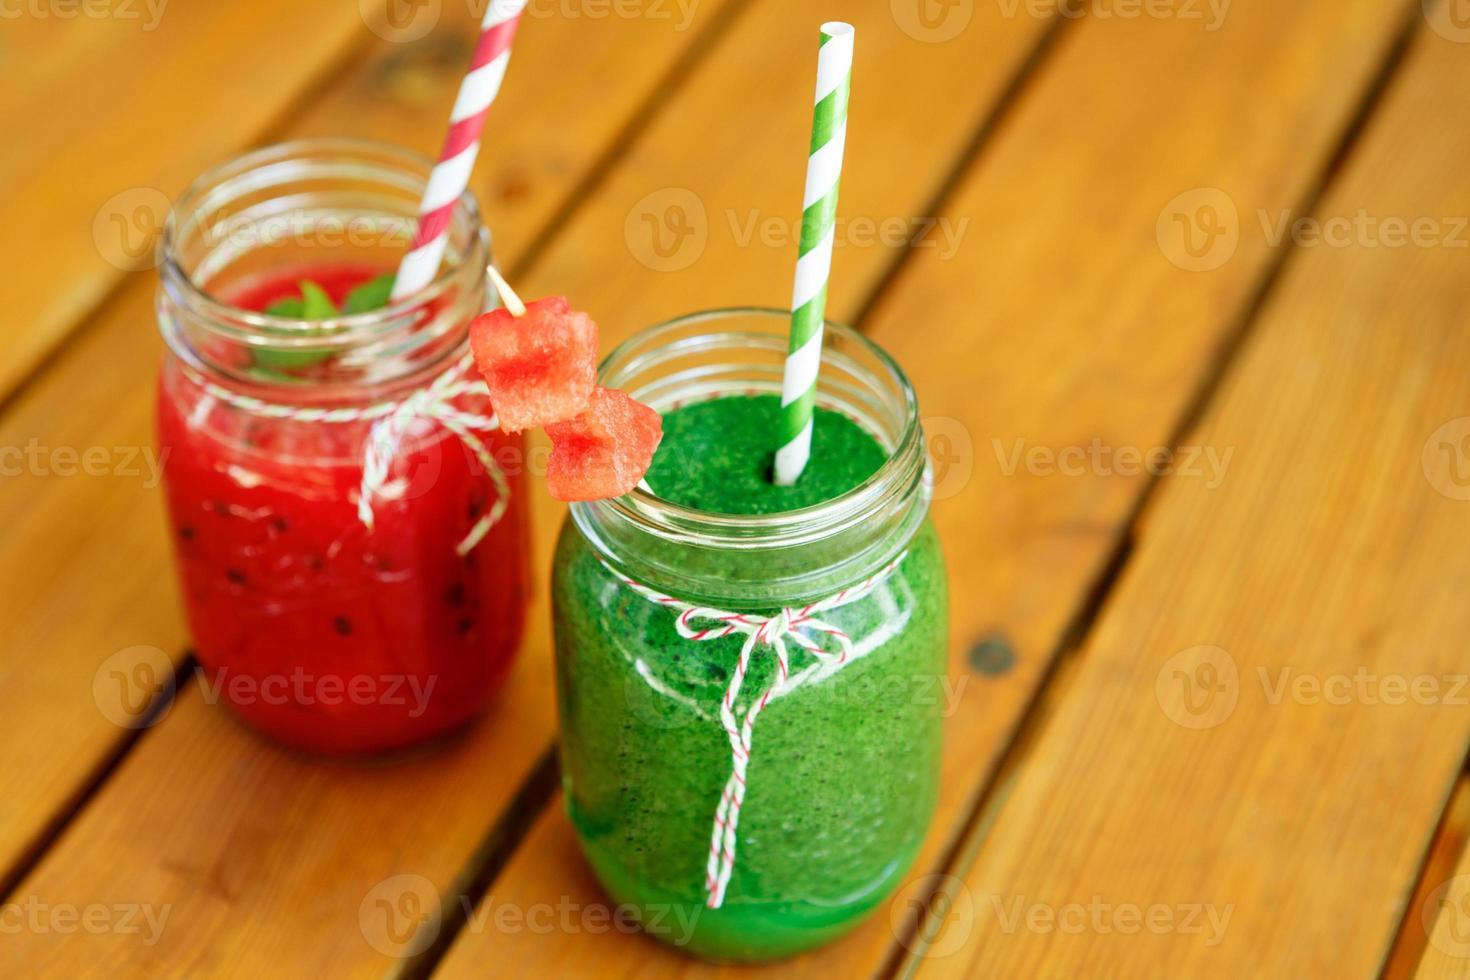 batido de sandía y espinacas como bebida saludable para el verano. foto